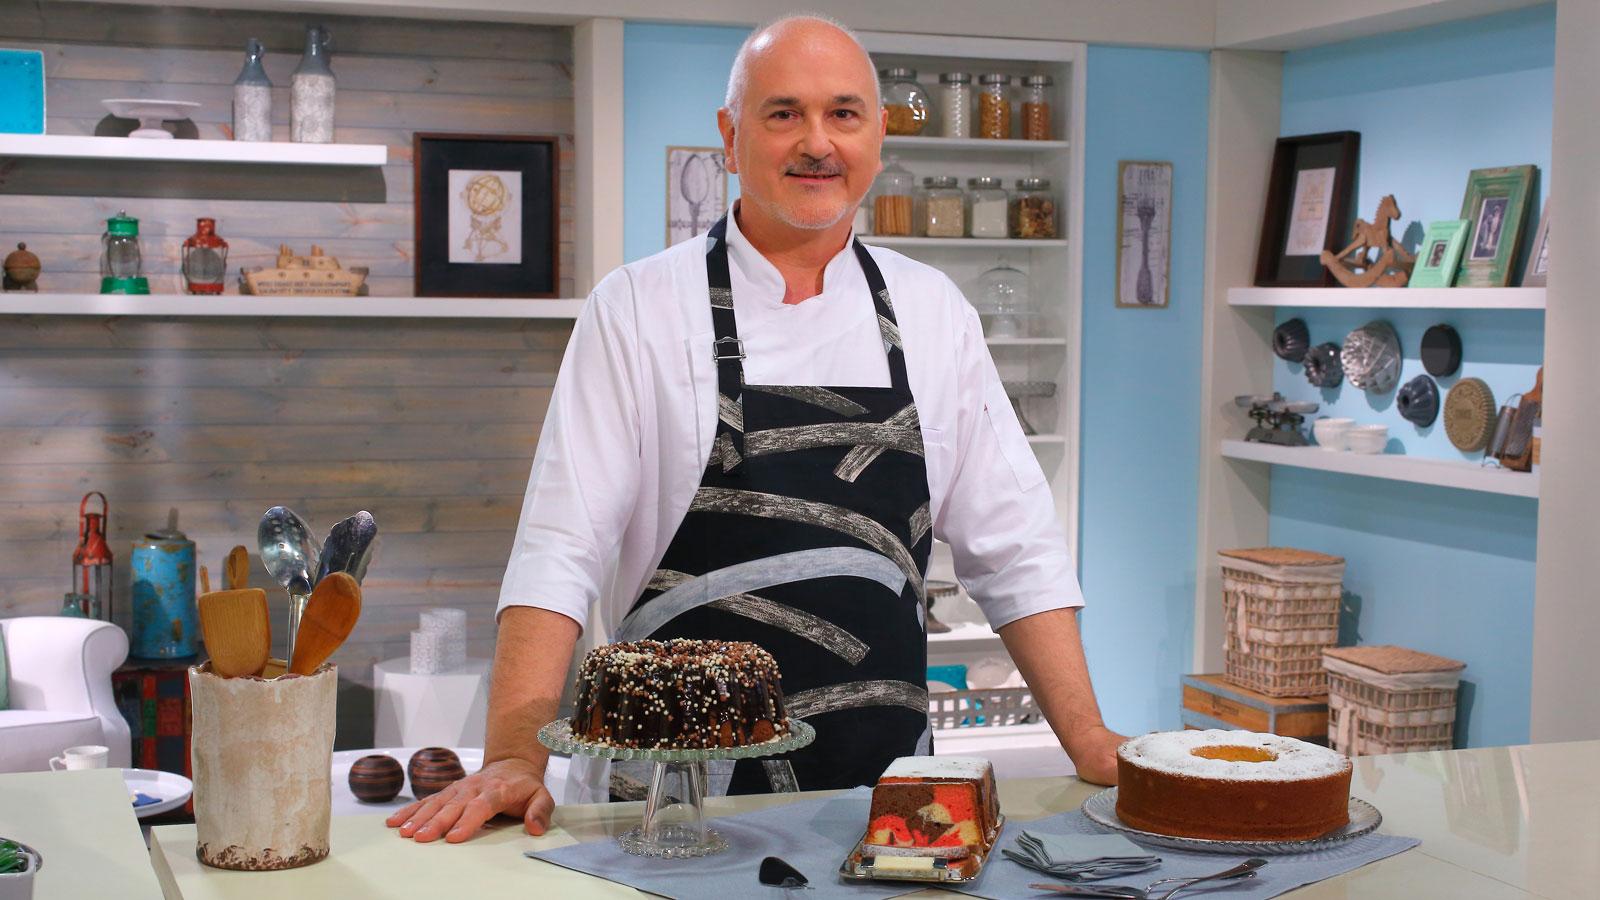 Horneados por gross programas canal cocina for Programacion canal cocina hoy